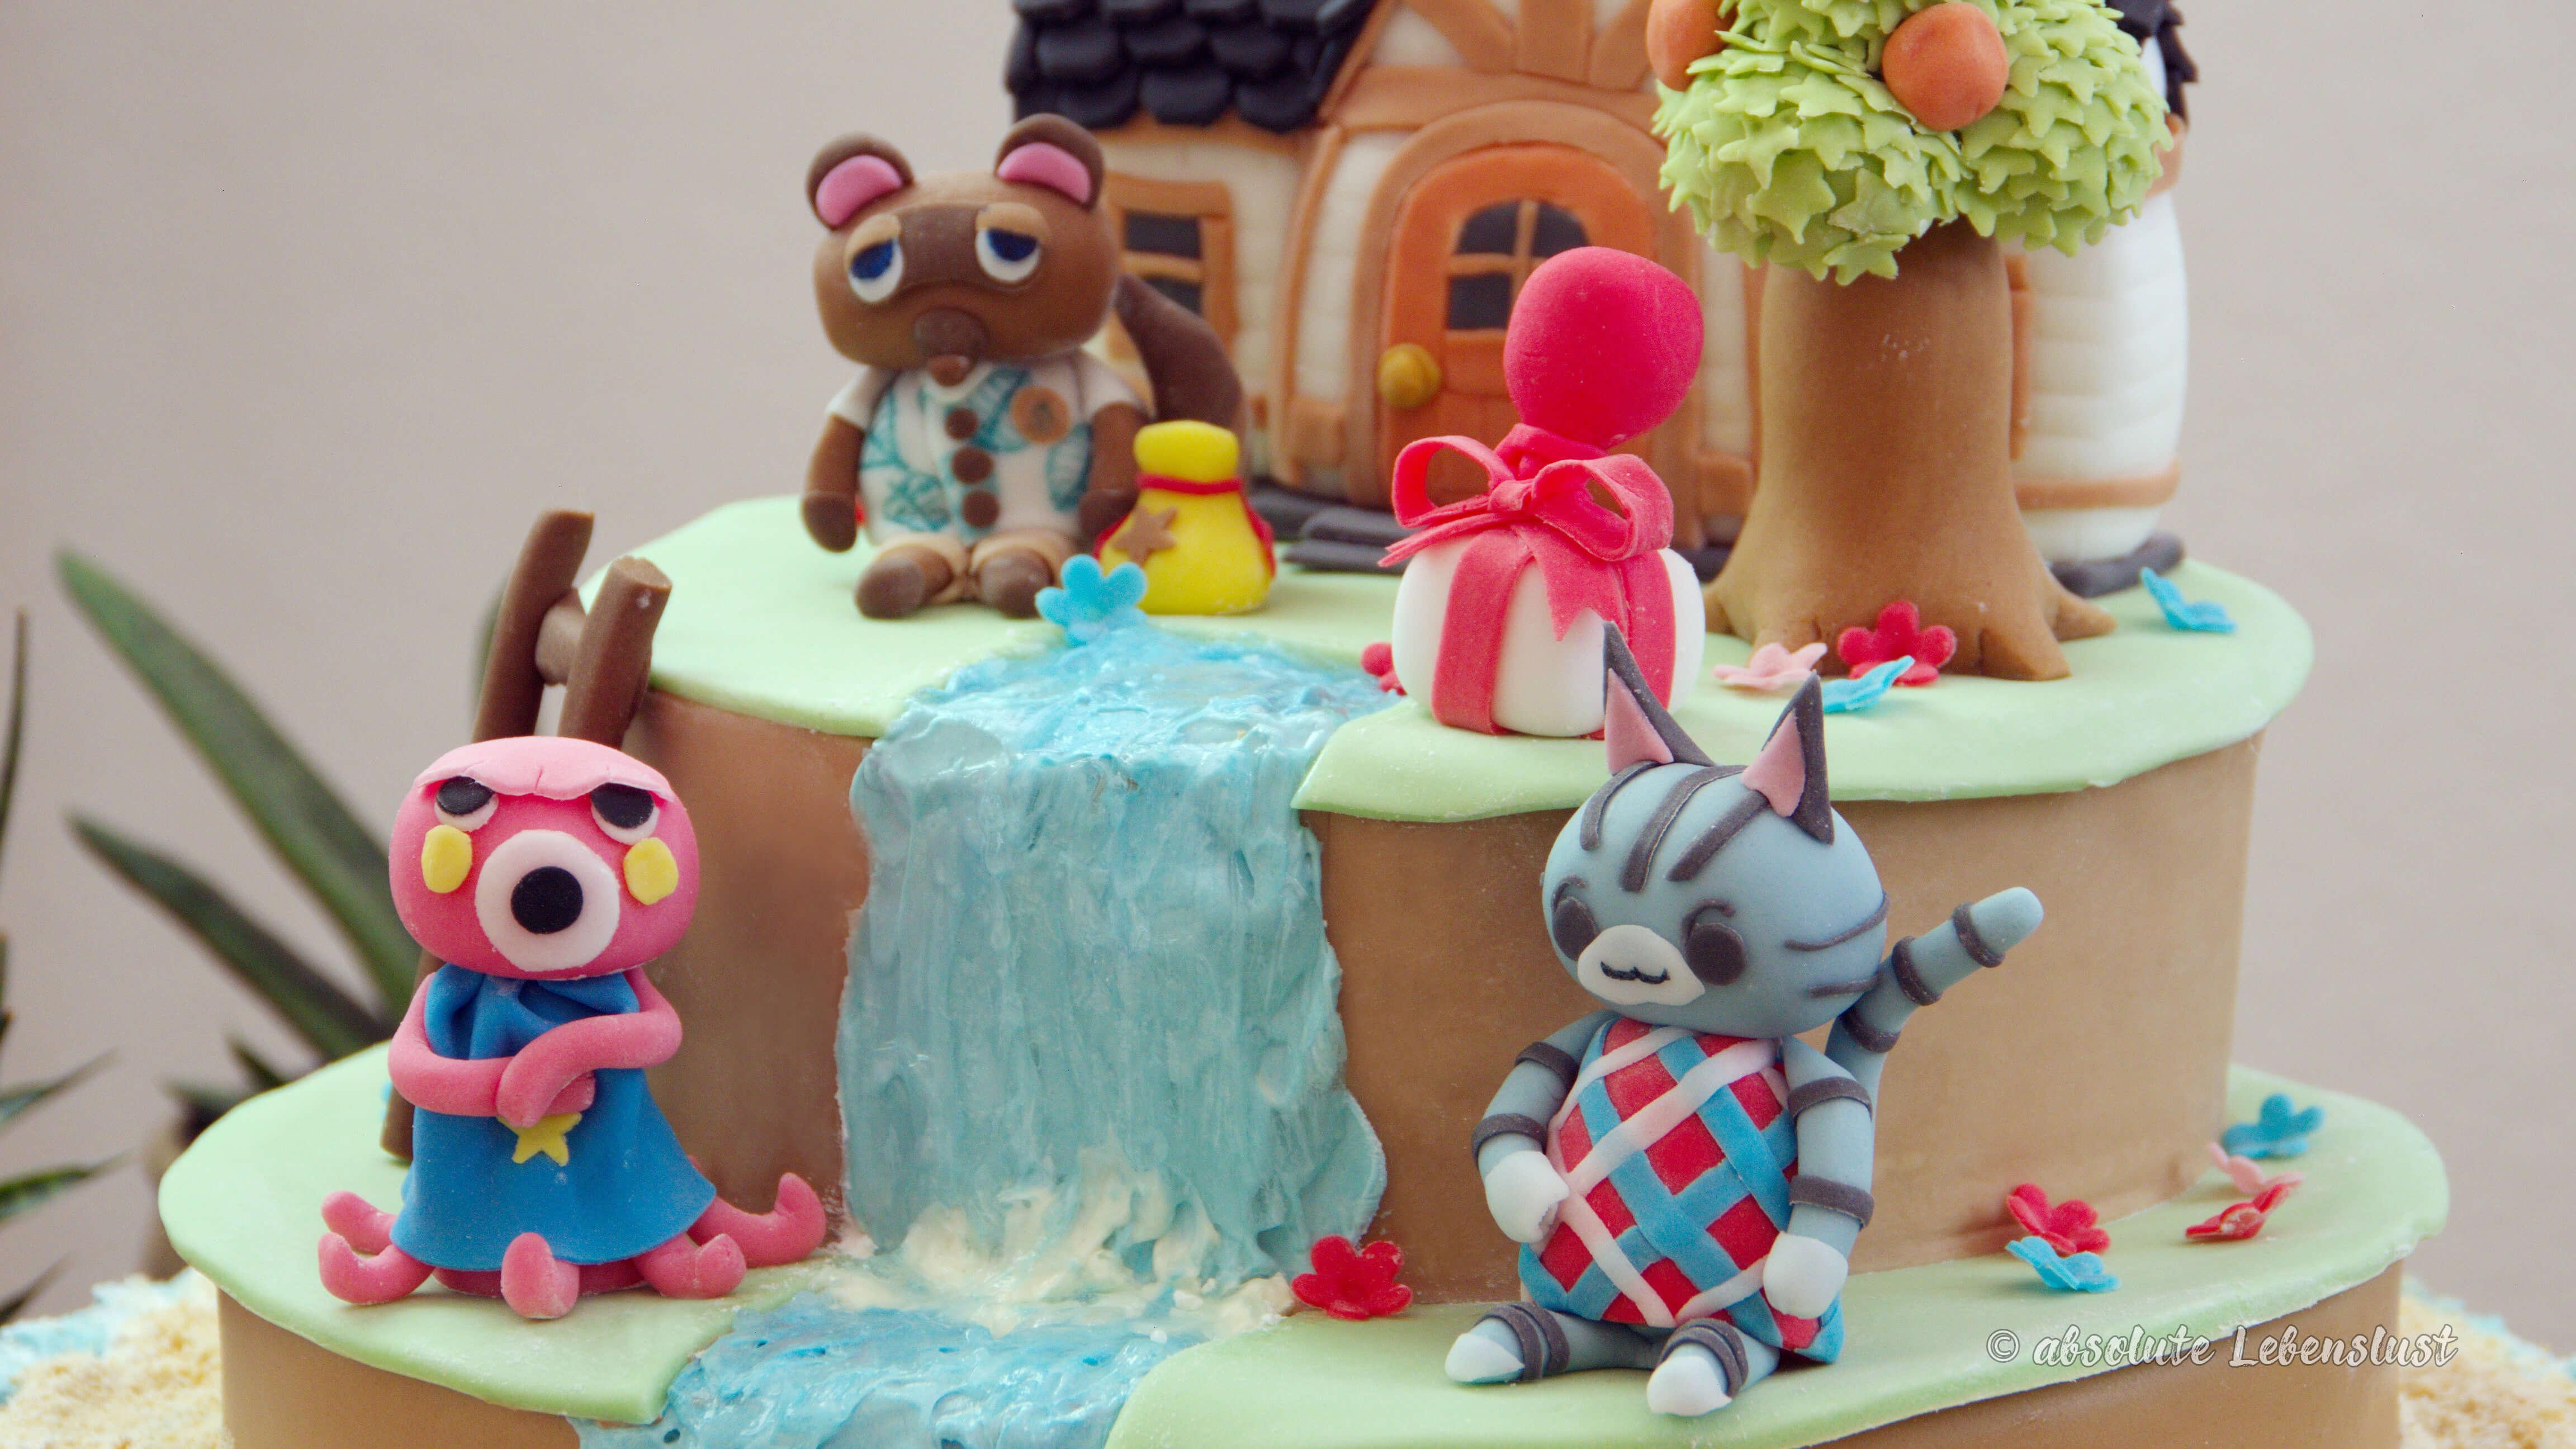 animal crossing, geschenke, geburtstagstorte, für jungs, für mädchen, für kinder, nintendo, torte, motivtorte, fondant